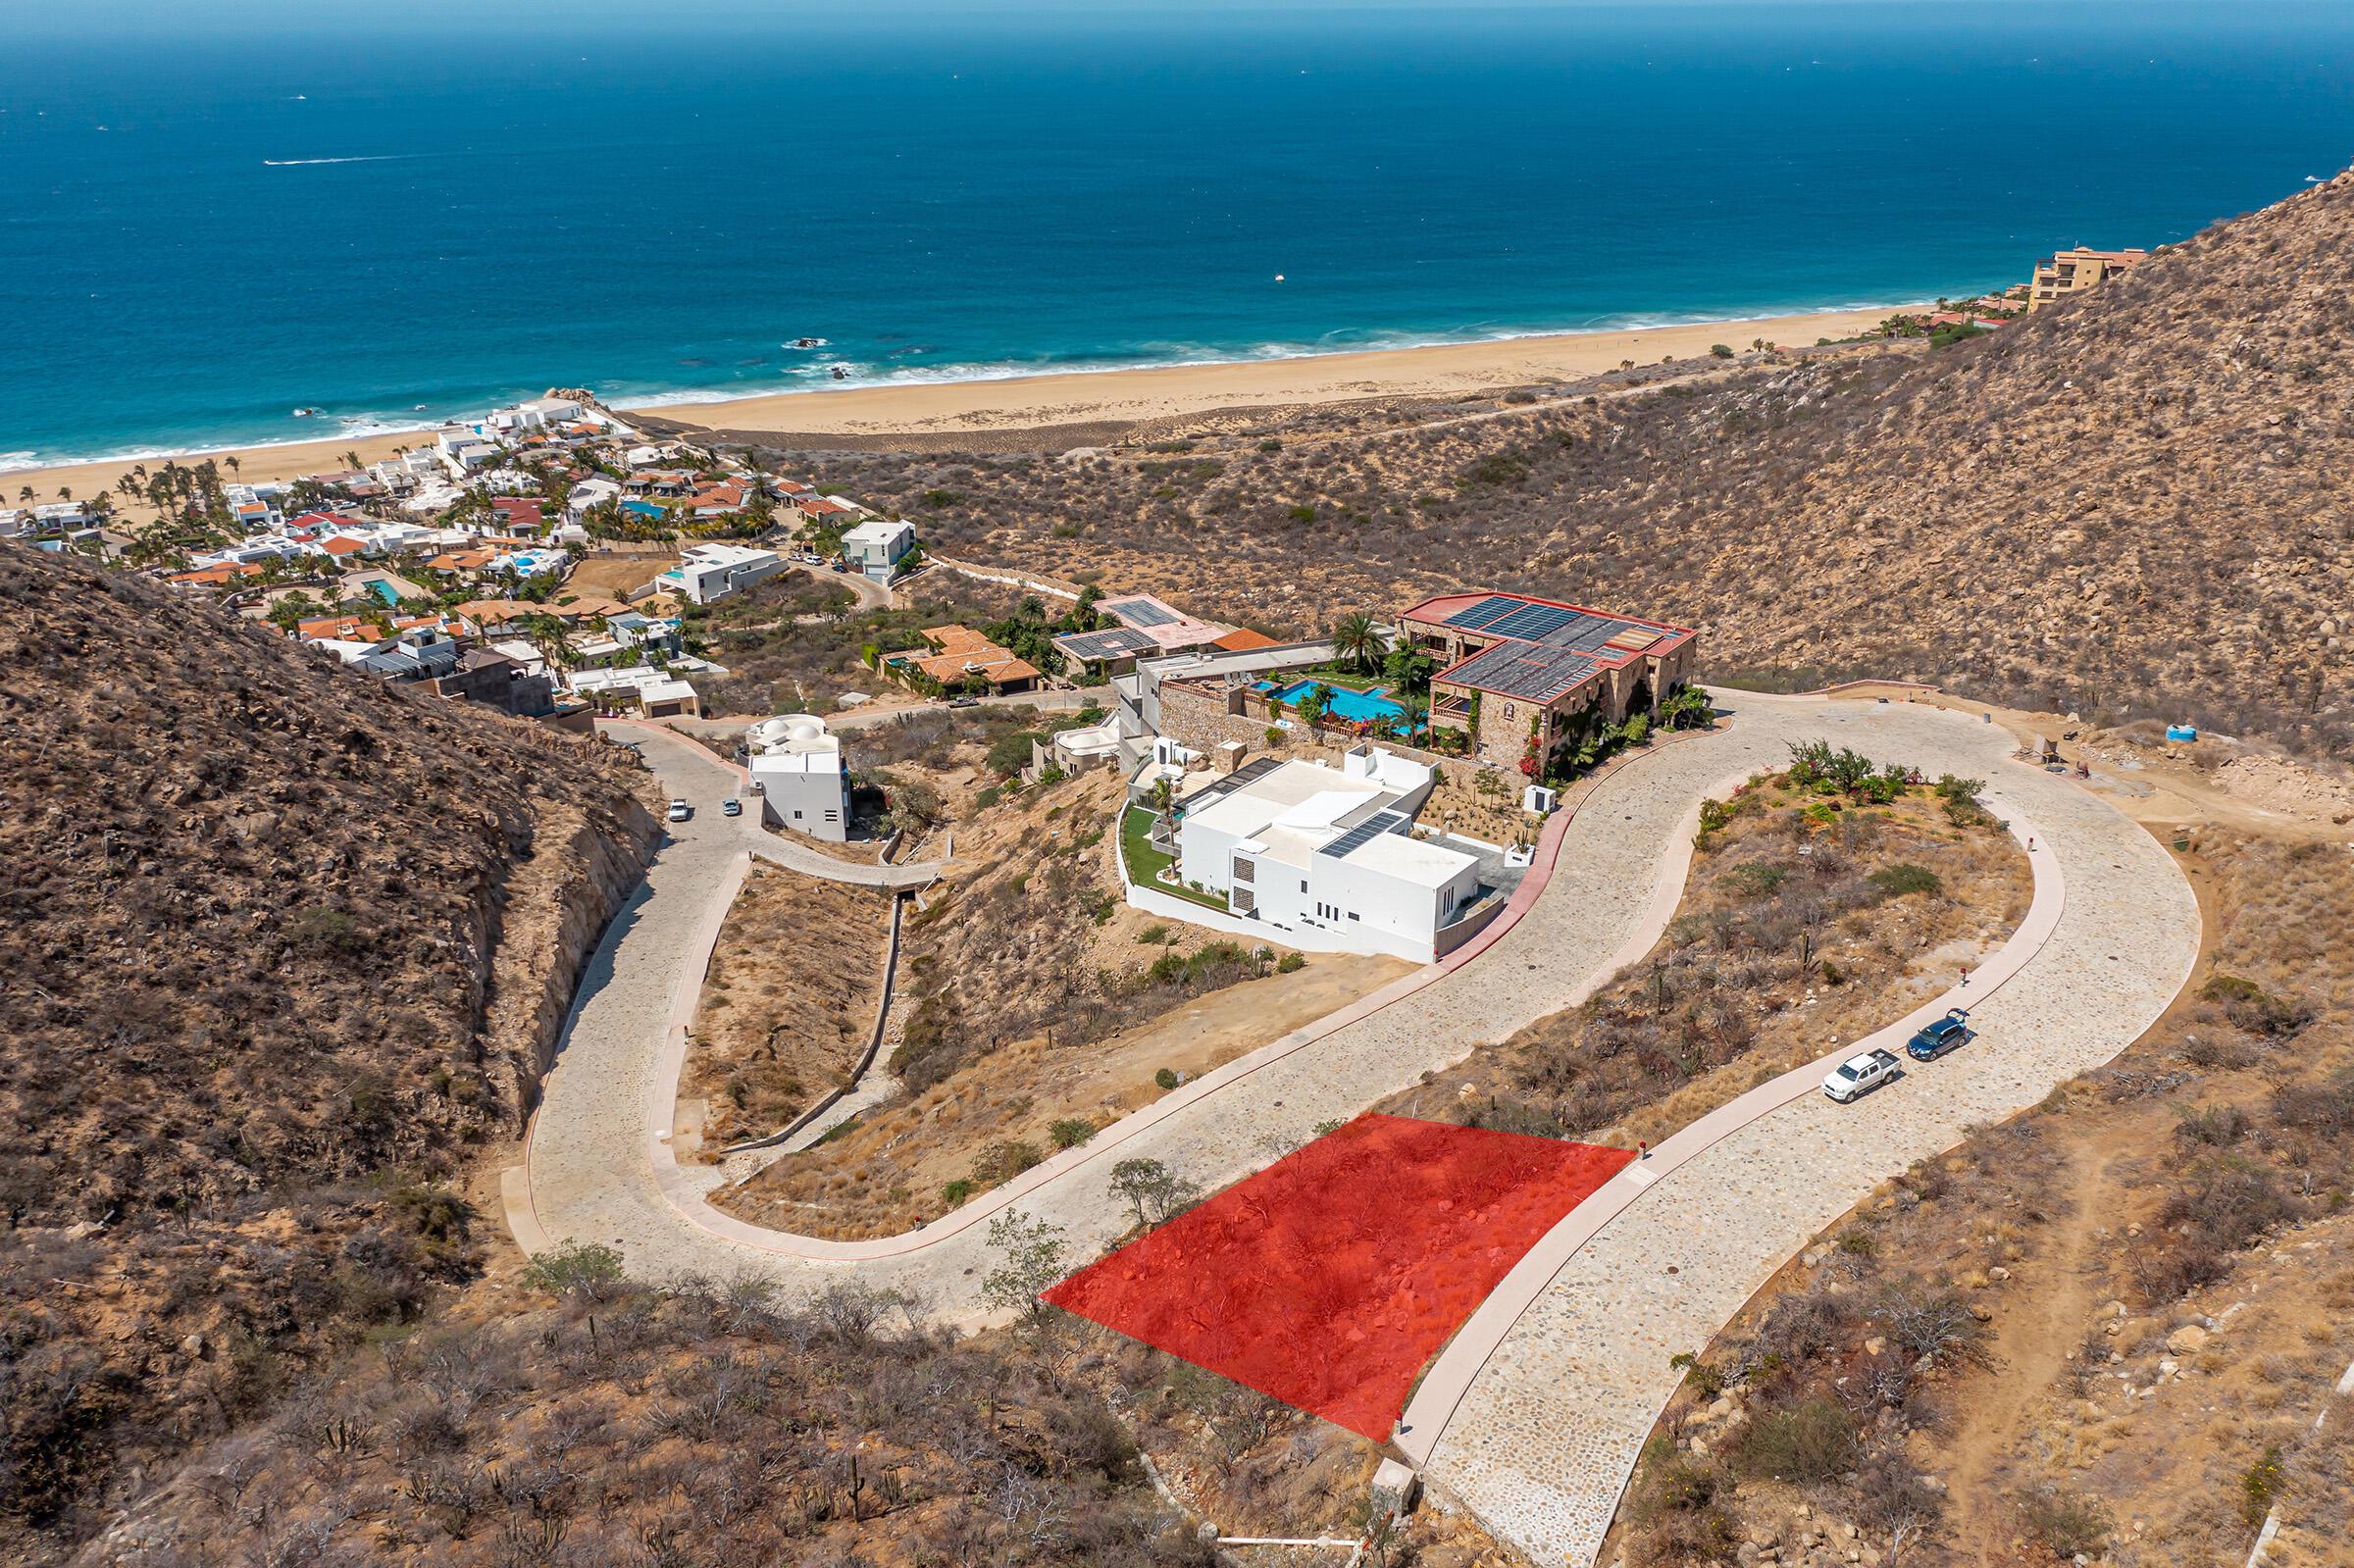 32 Camino Del Sol, Cabo San Lucas,  23450